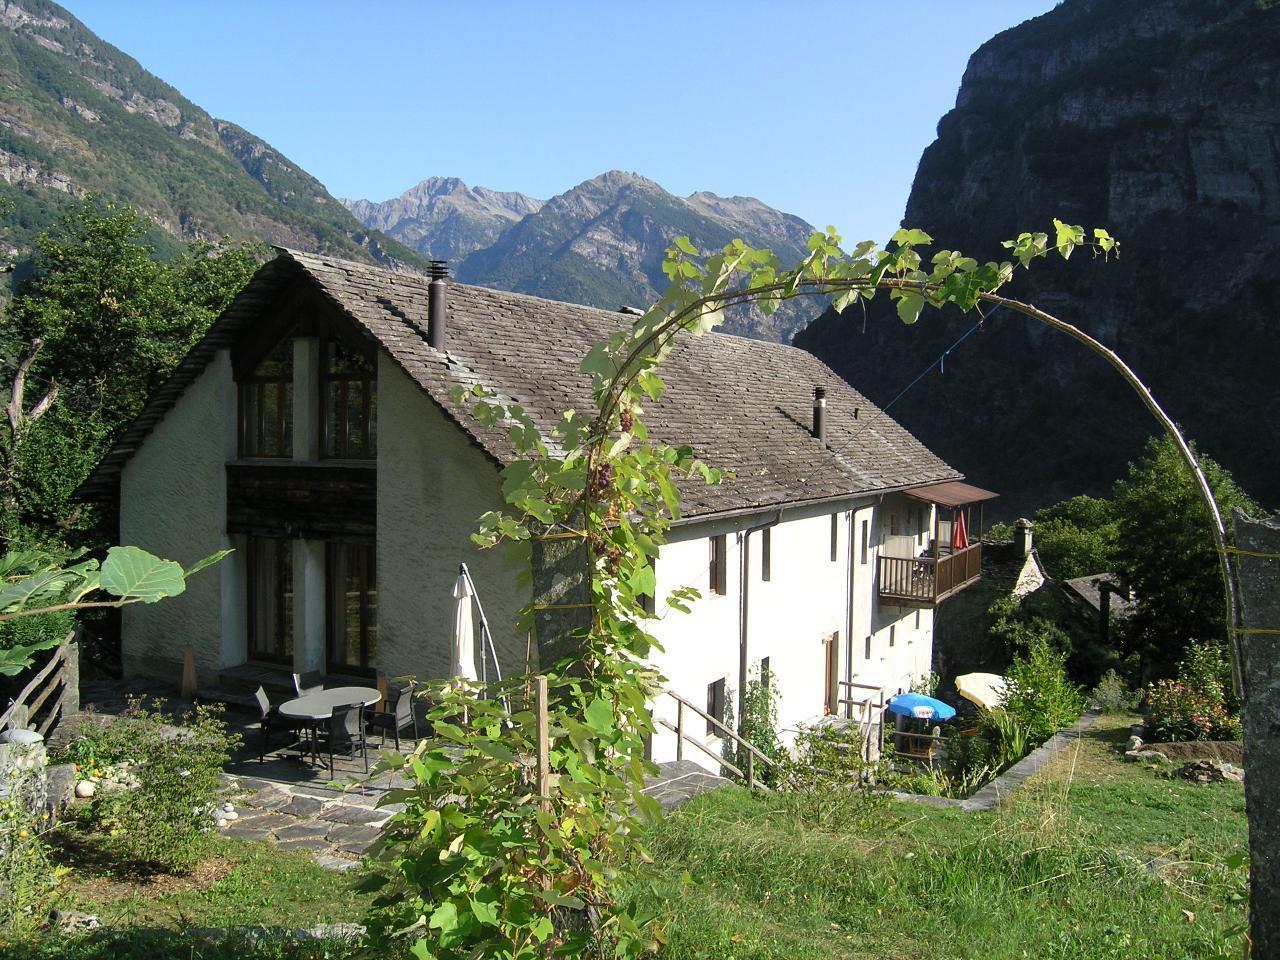 Ferienwohnung Studio Malachit (2535212), Cevio, Maggiatal, Tessin, Schweiz, Bild 11